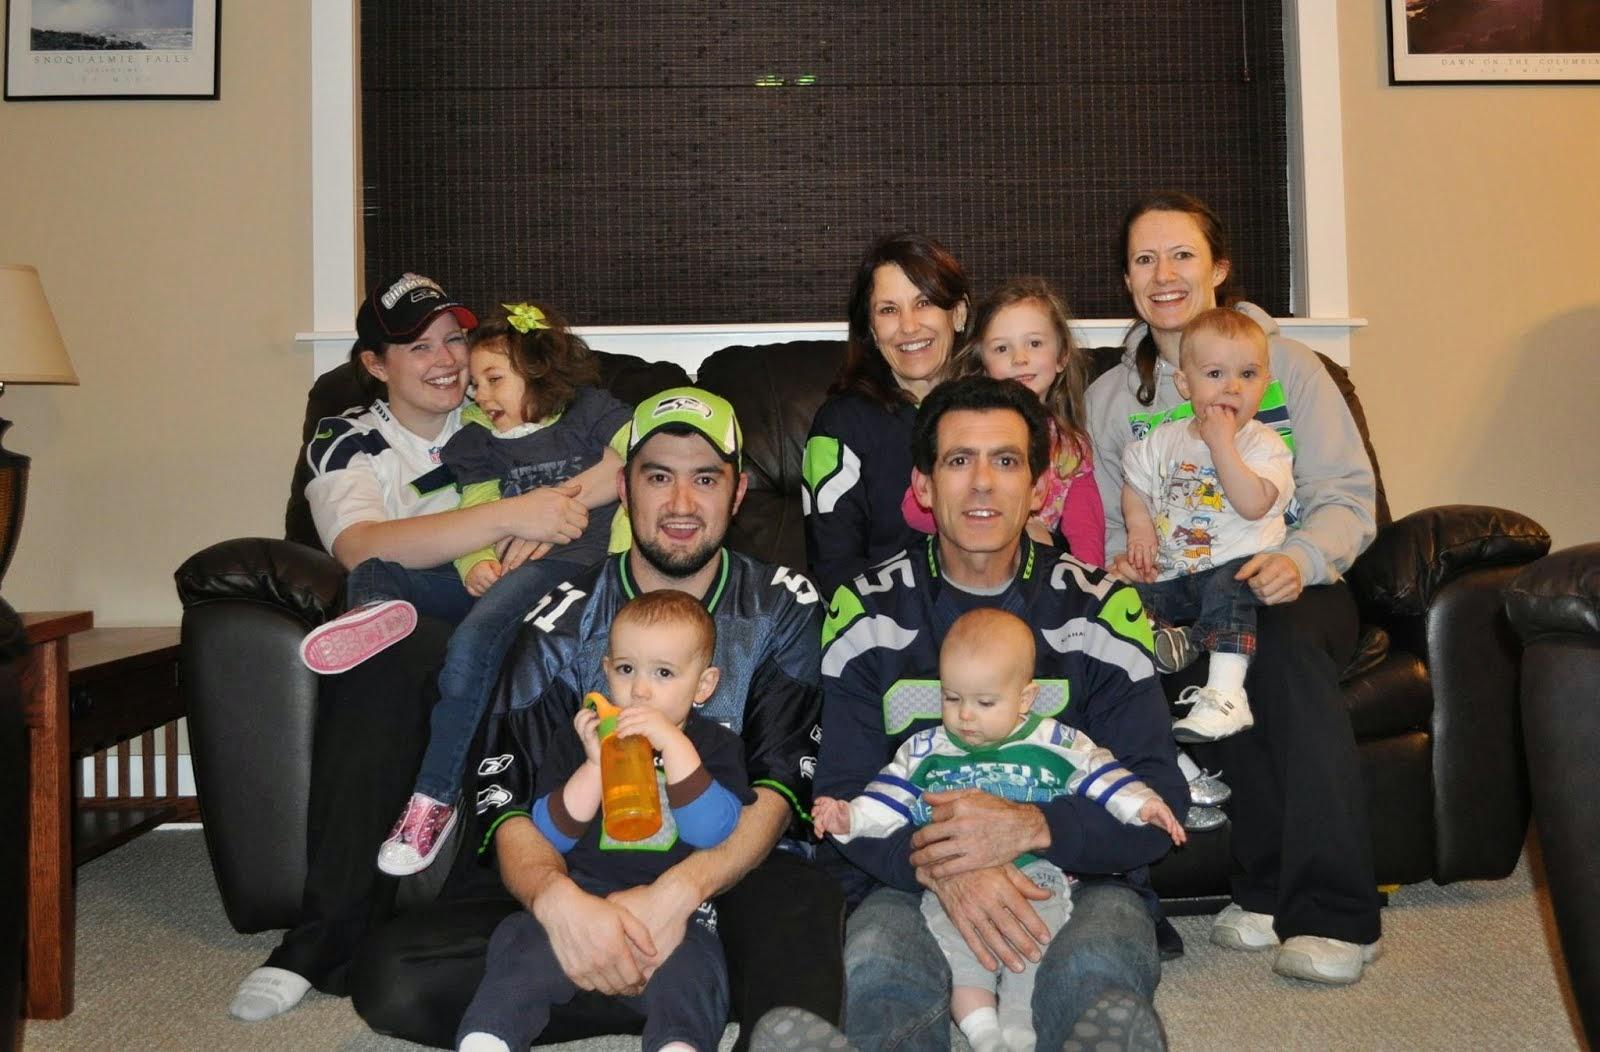 2014: Super Bowl Seahawk Fans